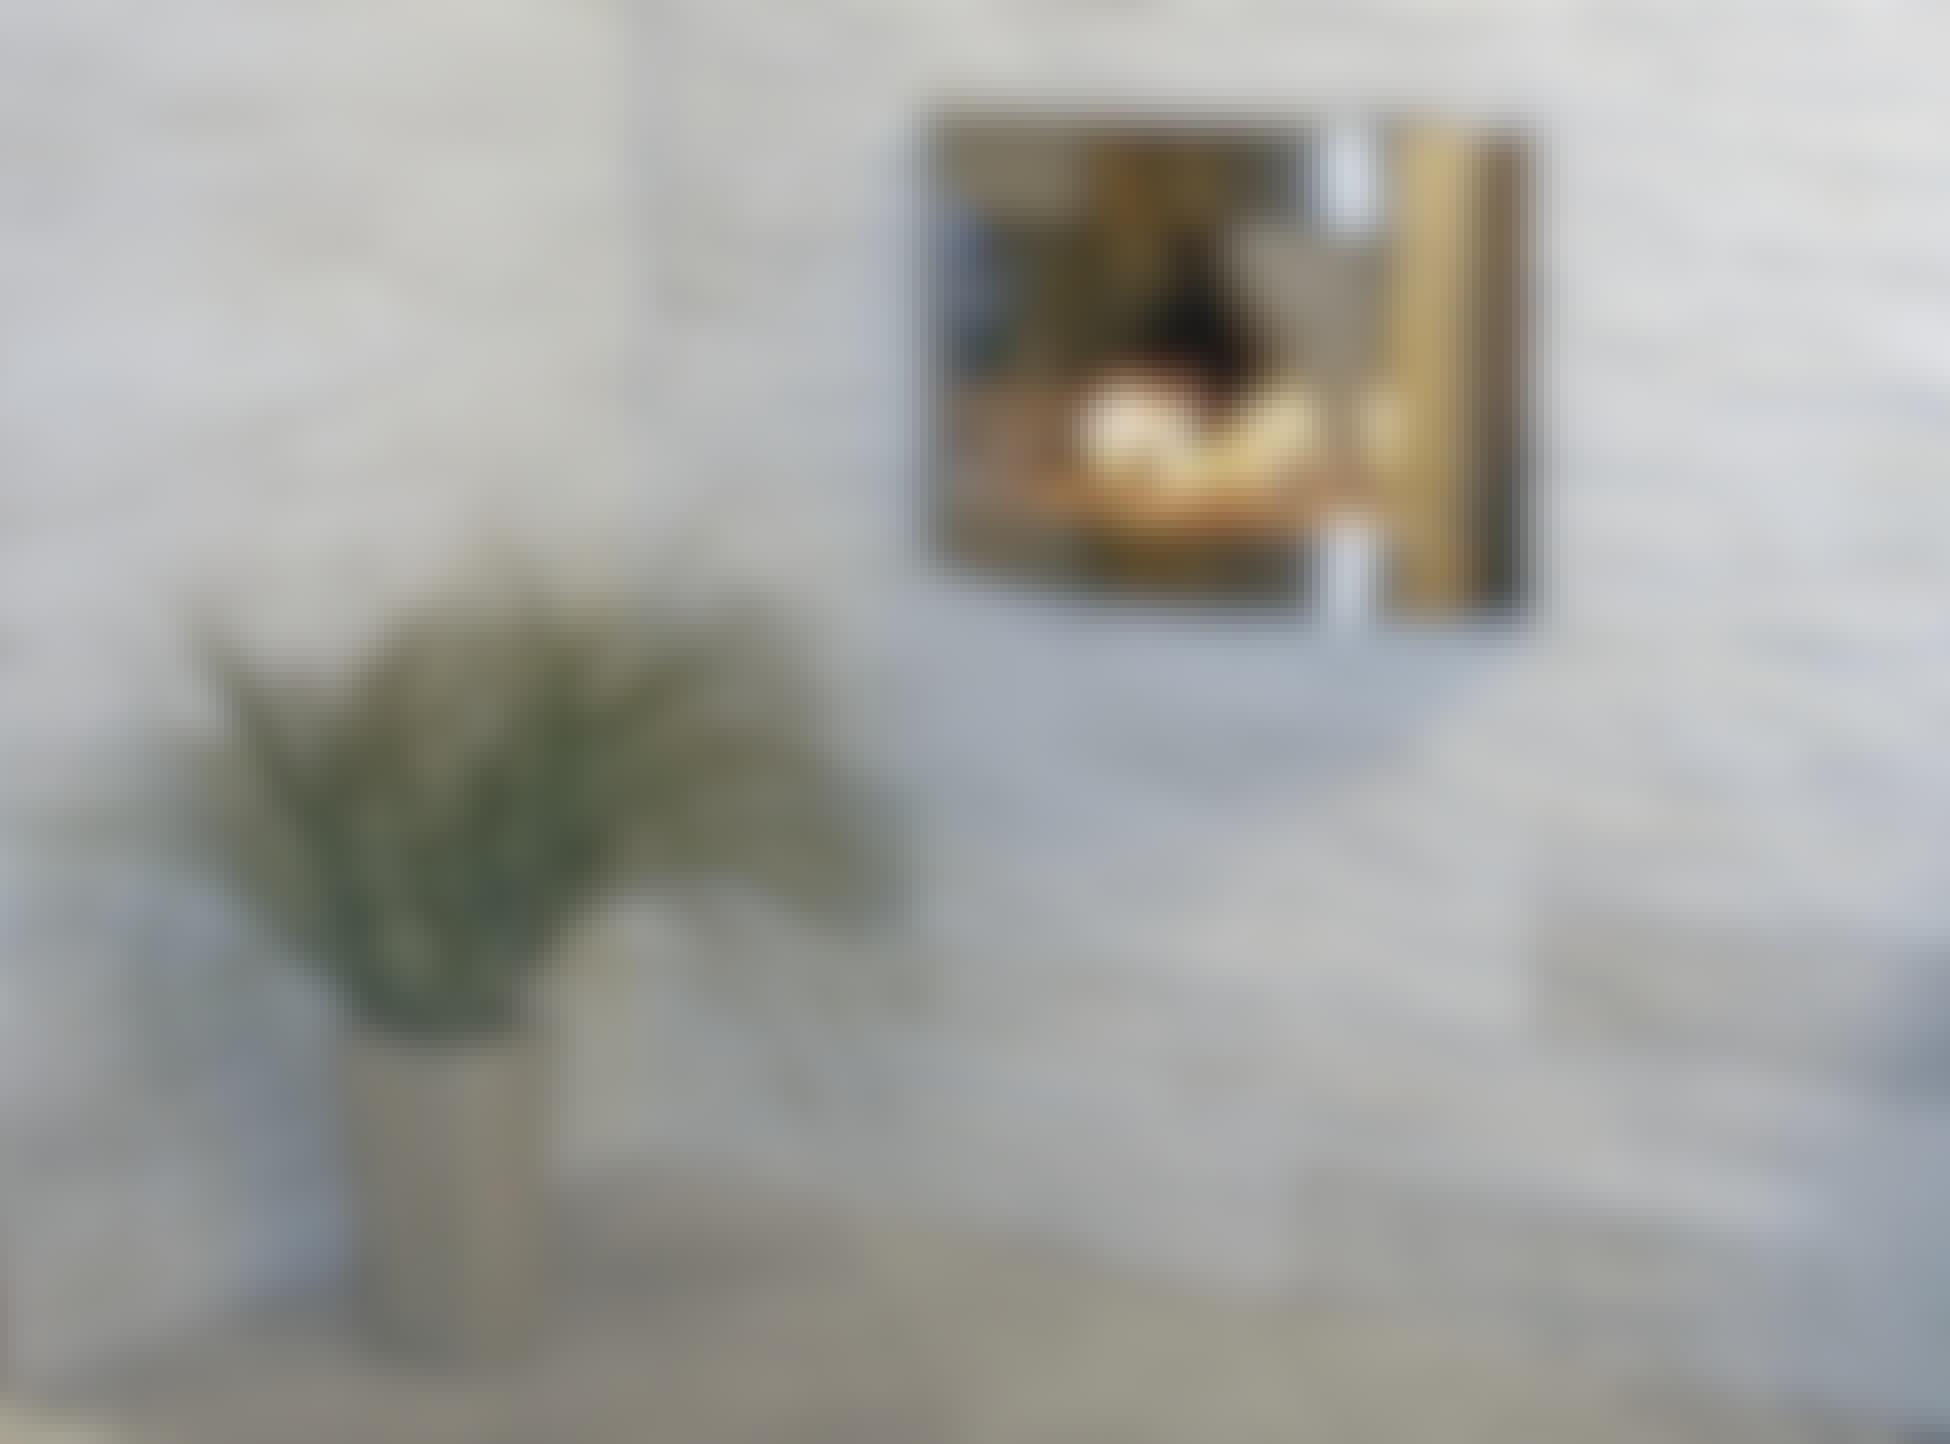 **NATURFLISER (HÅRDE)** Hårde natursten som granit og skifer er robuste materialer, der også kan lægges i rum med stor slitage, og de er nemme at holde rene. Store fliser af sort skifer eller granit har i årtier været brugt på gulve.